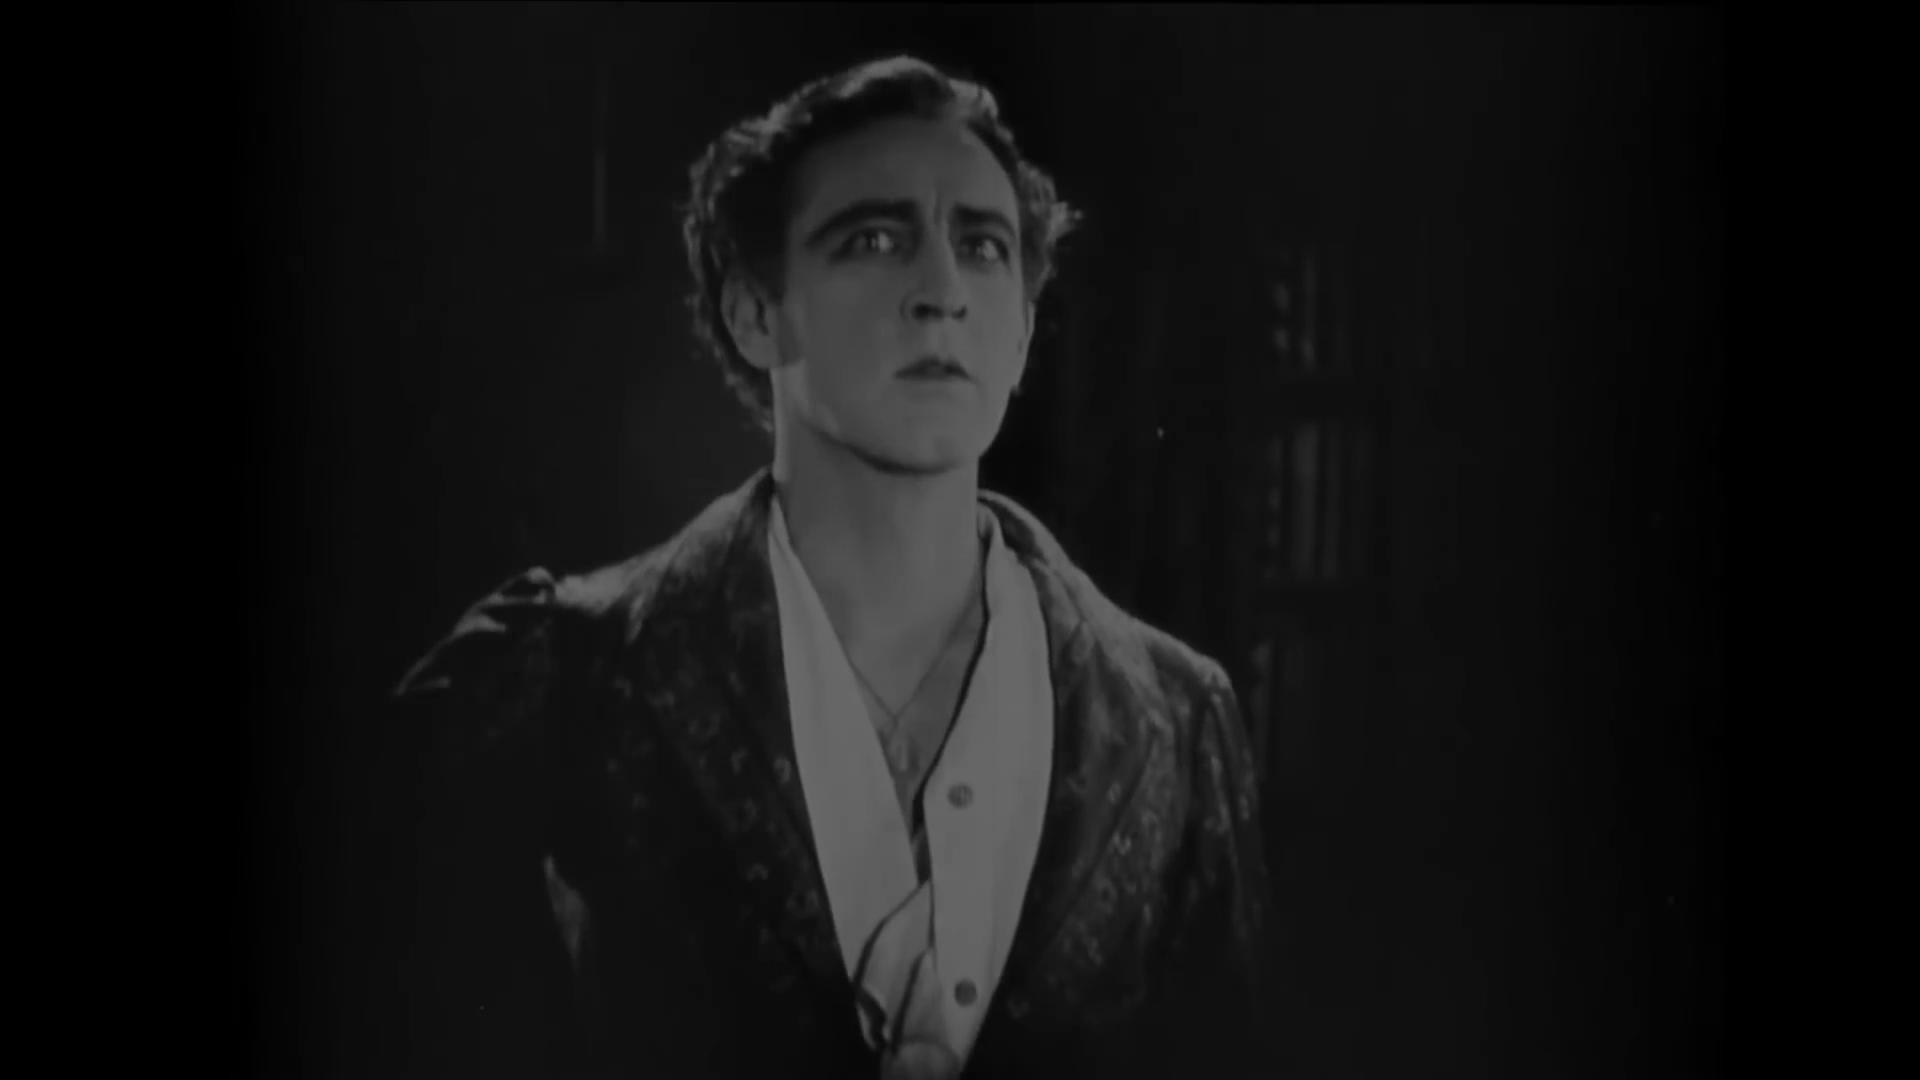 John Barrymore dans Dr. Jekyll and Mr. Hyde (Docteur Jekyll et M. Hyde, 1920) de John S. Robertson